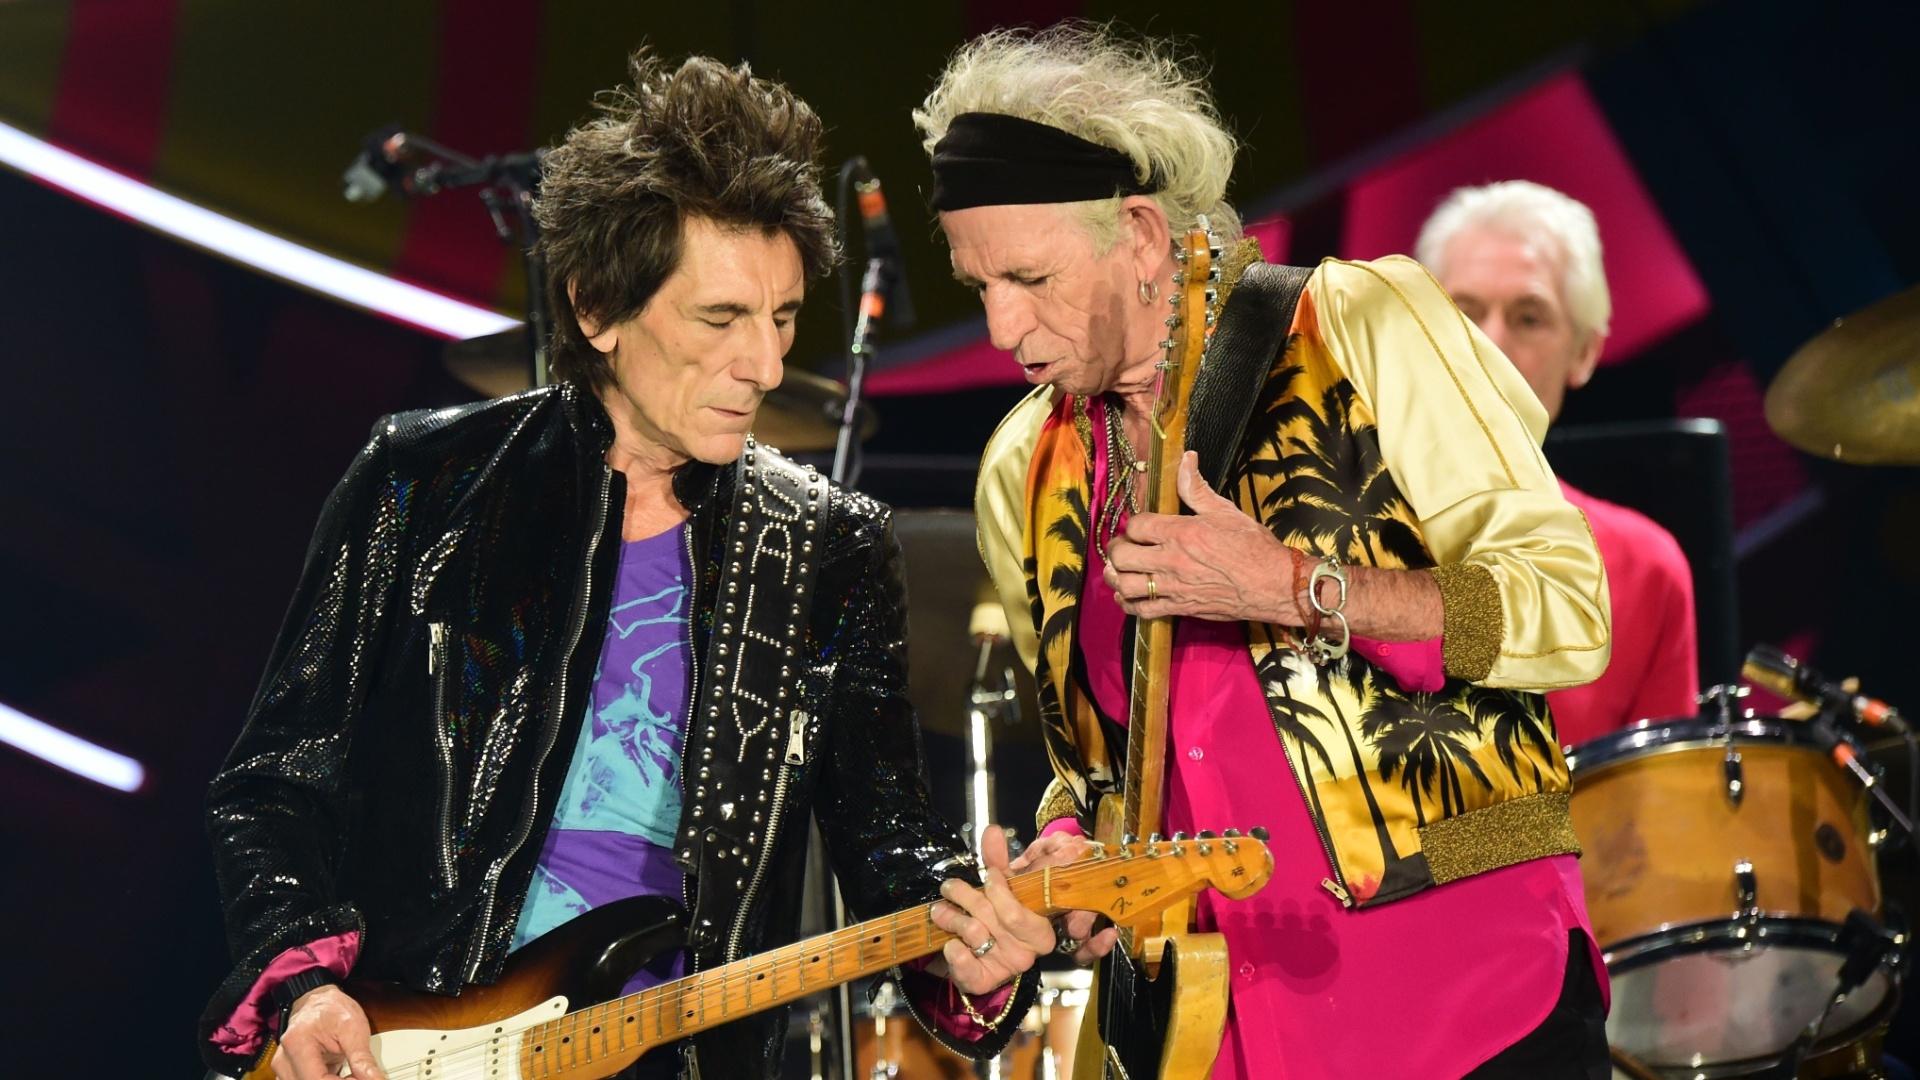 03.fev.2016 - Ron Wood e Keith Richards se apresentam com os Rolling Stones no Chile, no primeiro show da turnê Olé, na América Latina